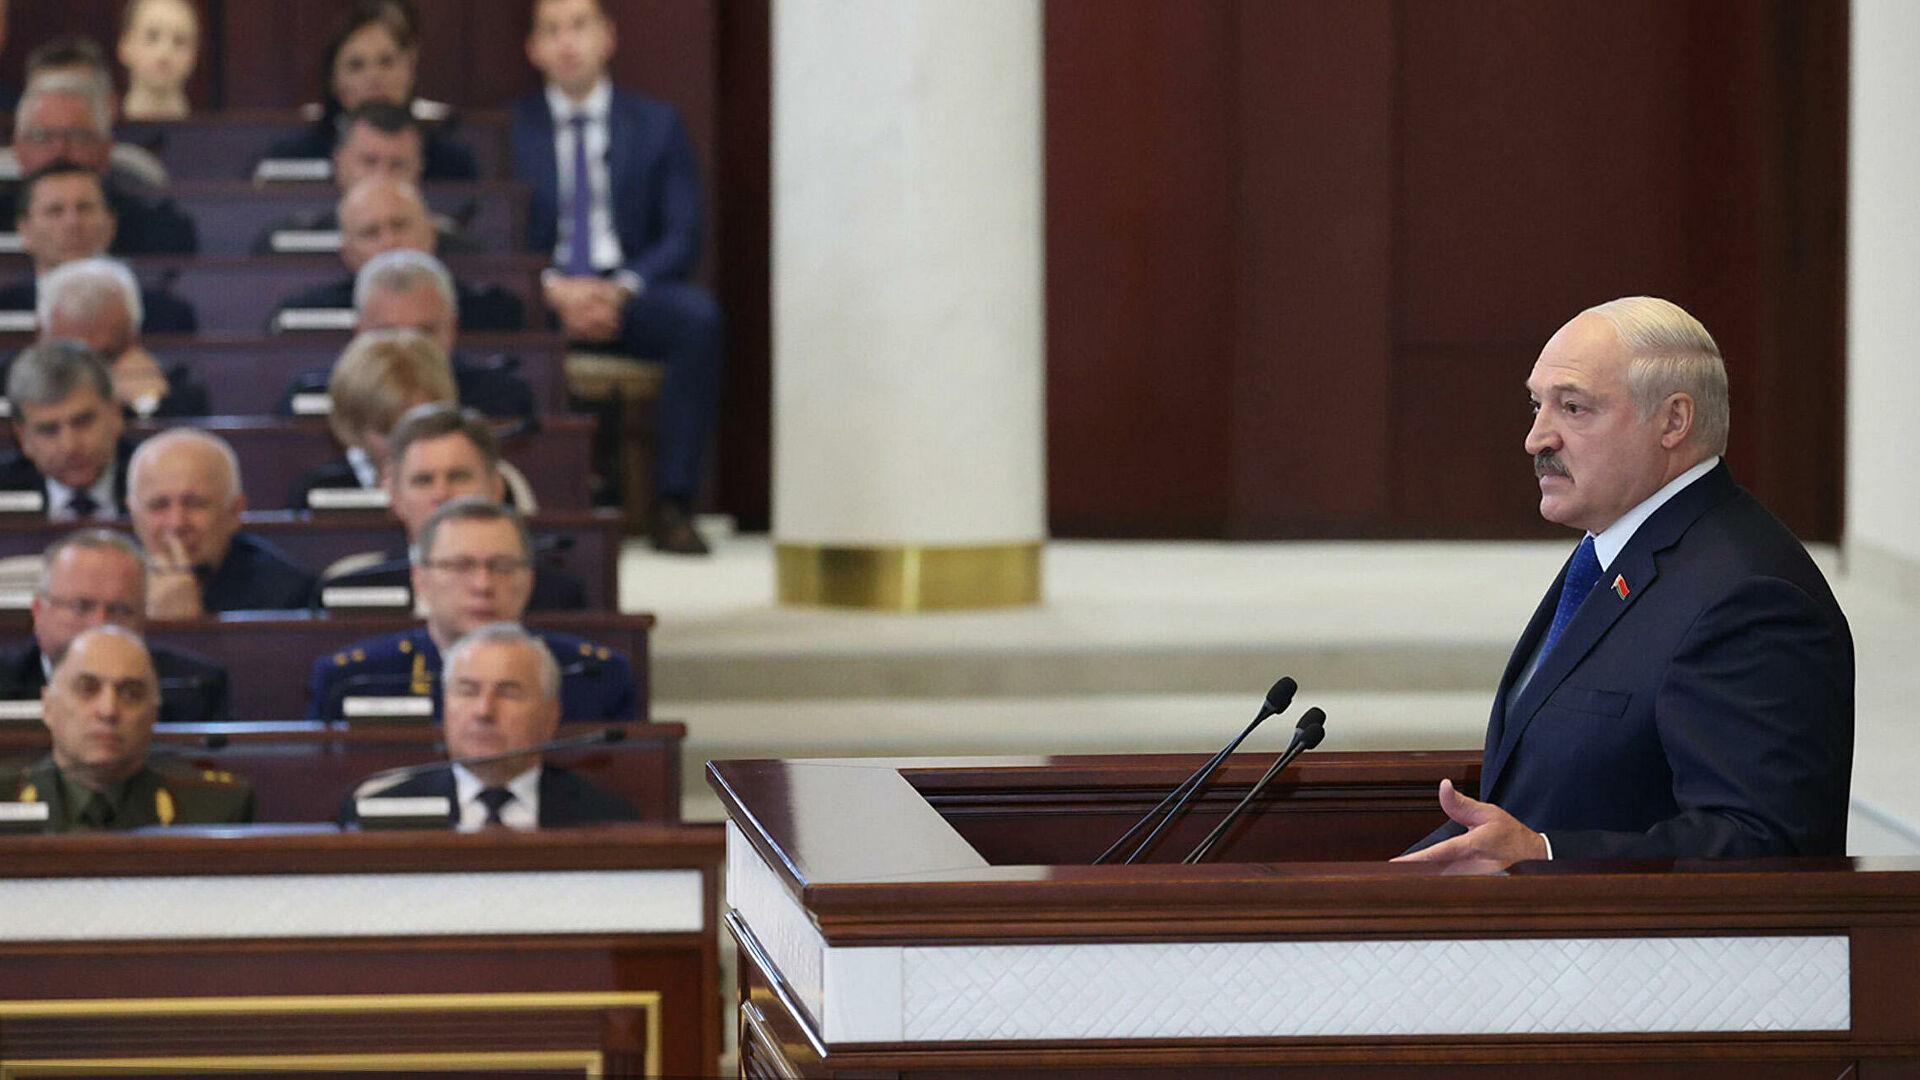 Лукашенко в шутку пригрозил посадить самолет Байдена в Белоруссии